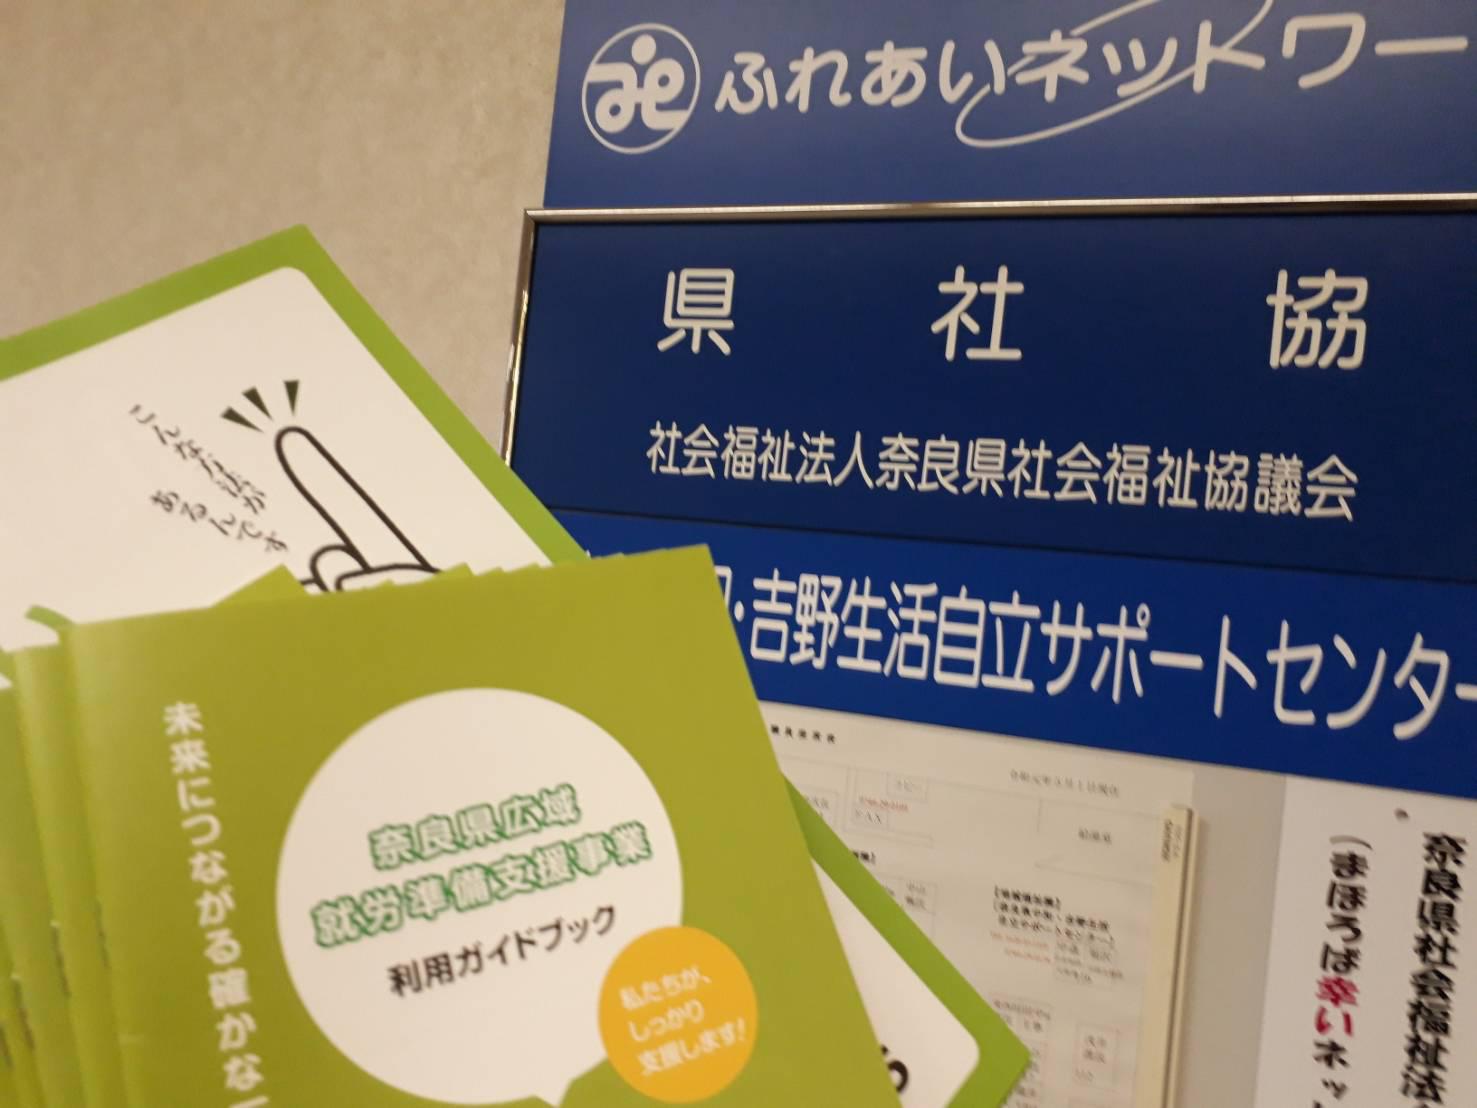 生活困窮者等就労準備支援@奈良県社会福祉協議会